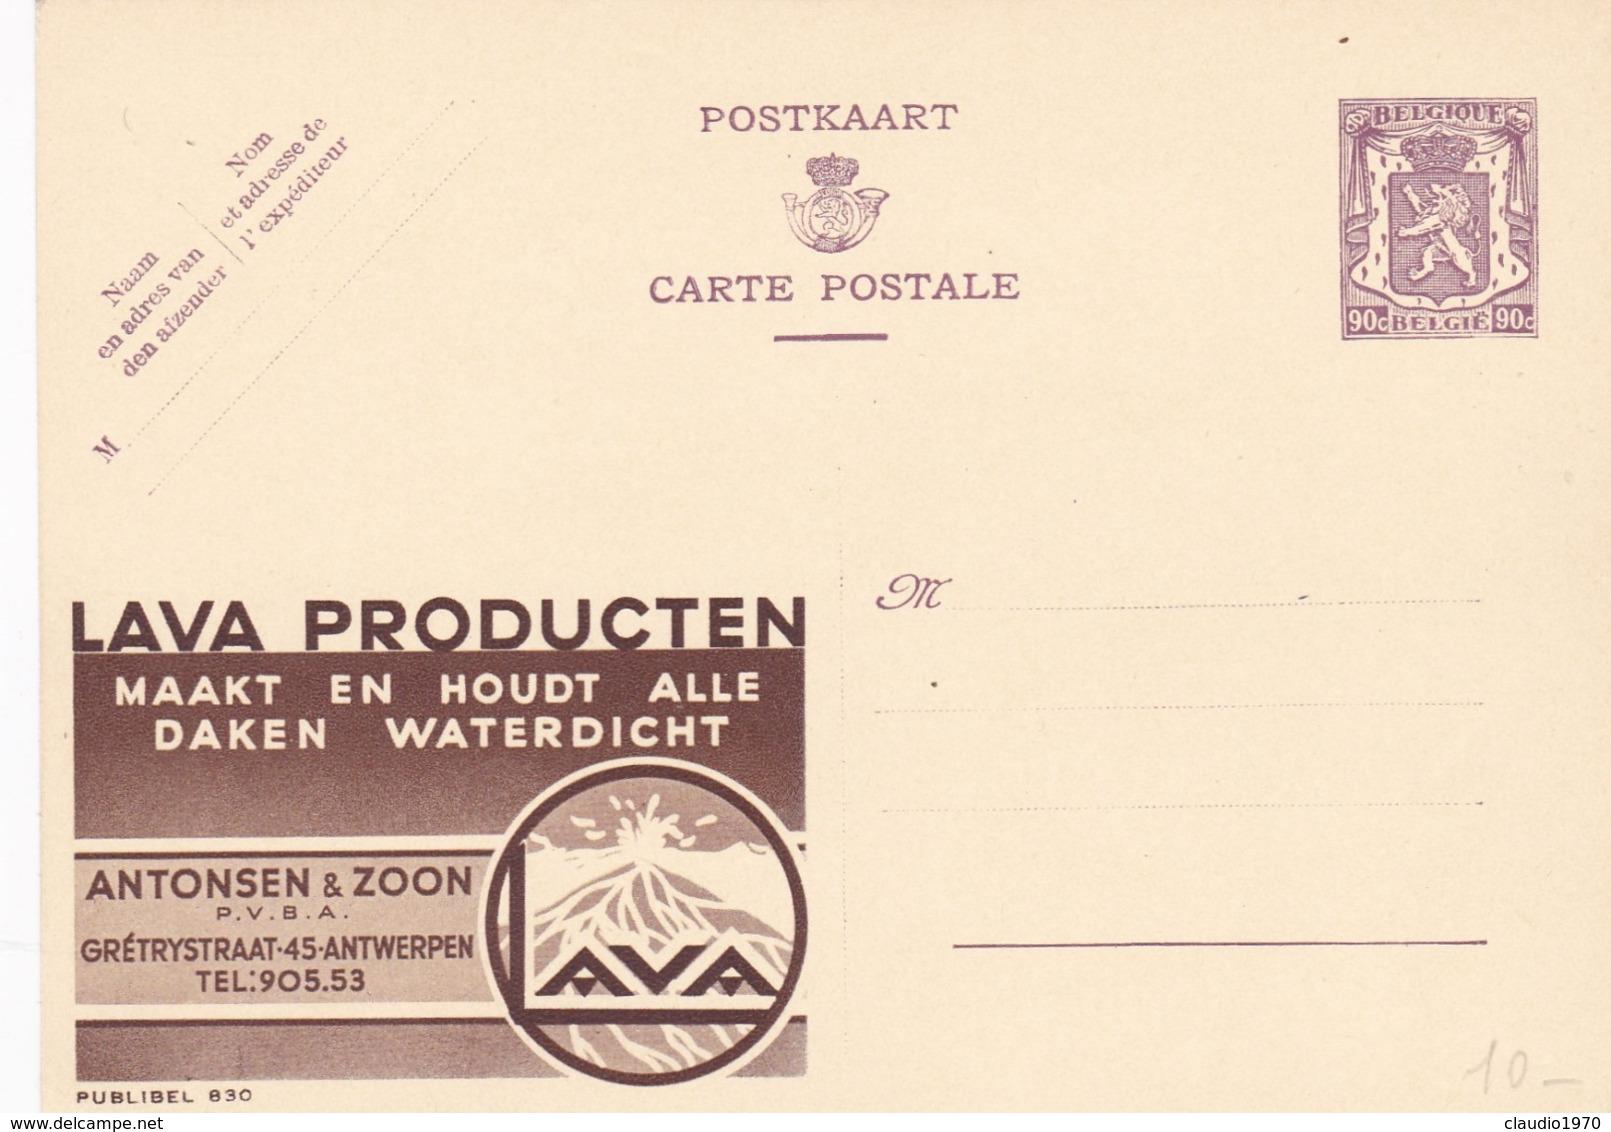 BELGIO - STORIA POSTALE NON VIAGGIATA - BELGIO - INTERO POSTALE 90 C. - LAVA PRODUCTEN - Stamped Stationery